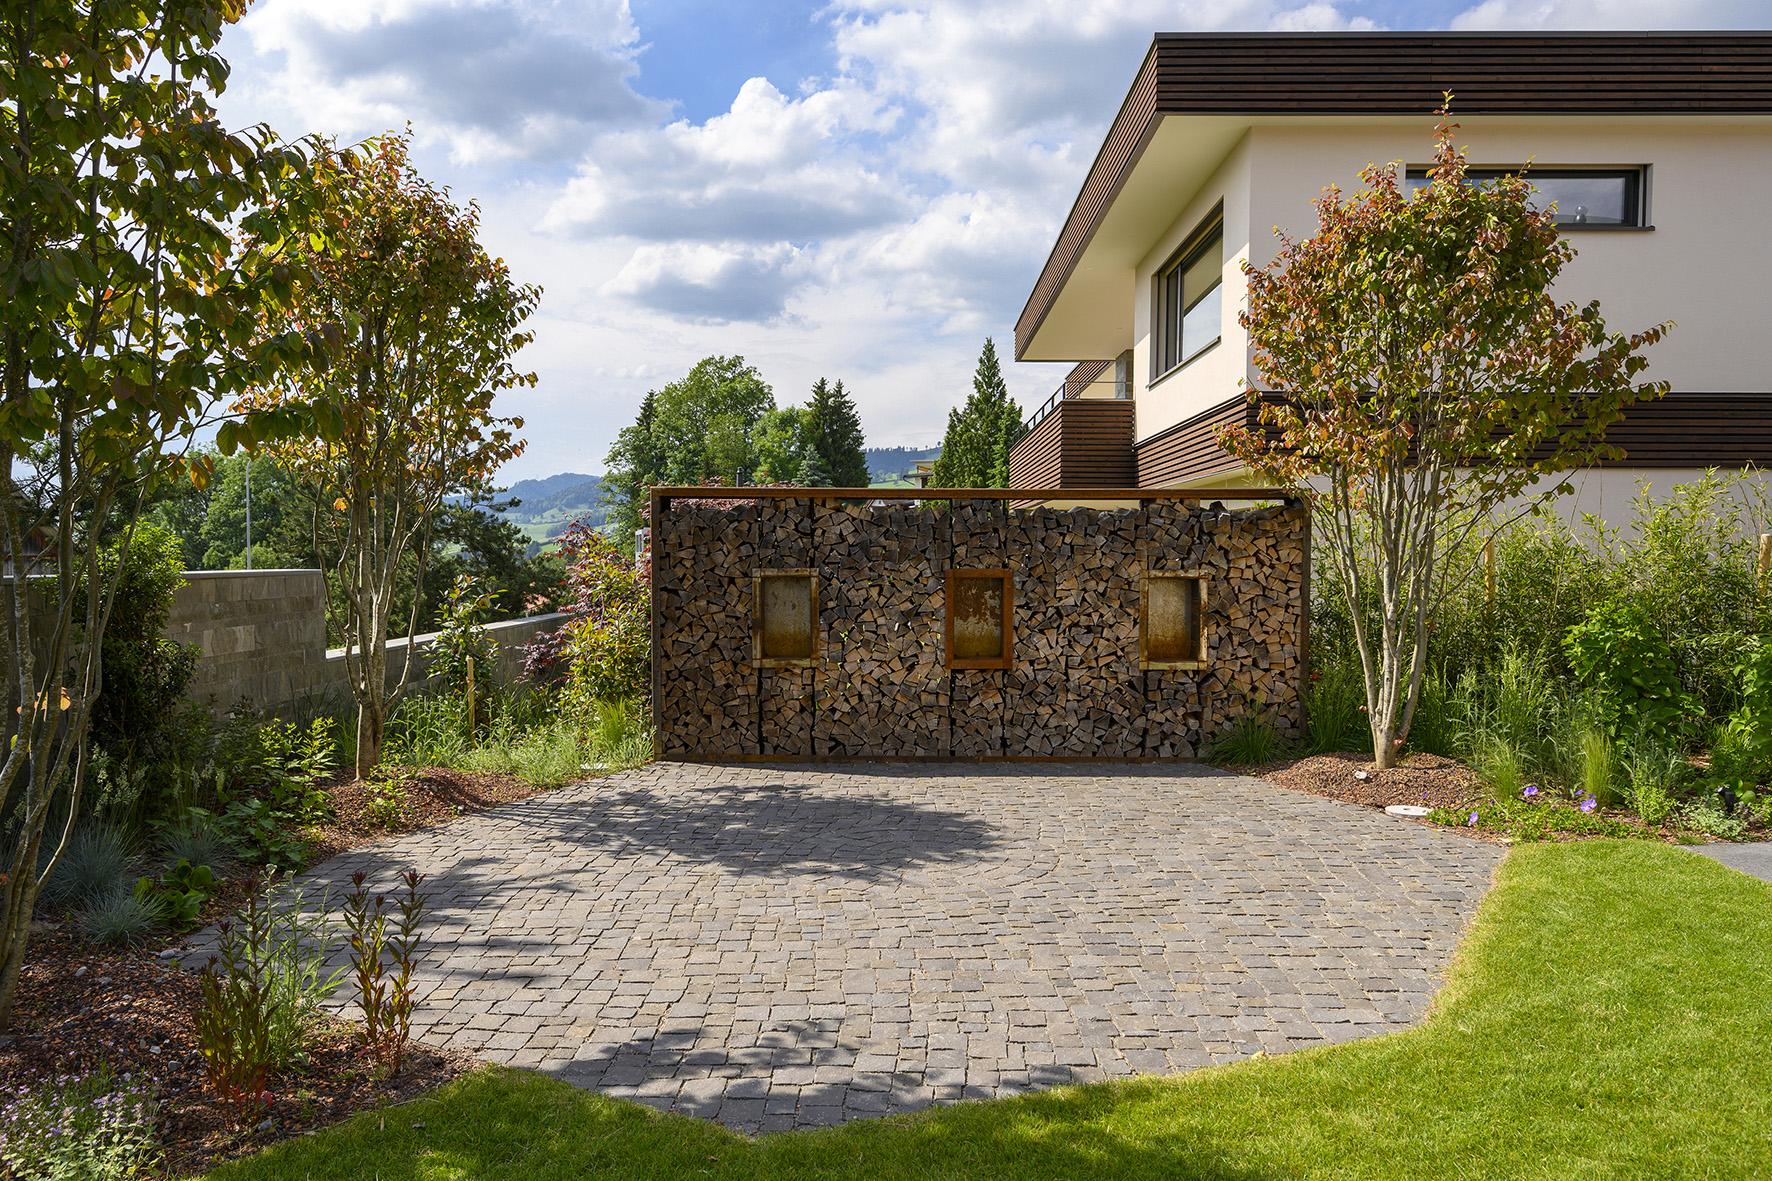 Gartensitzplatz mit Sichtschutz